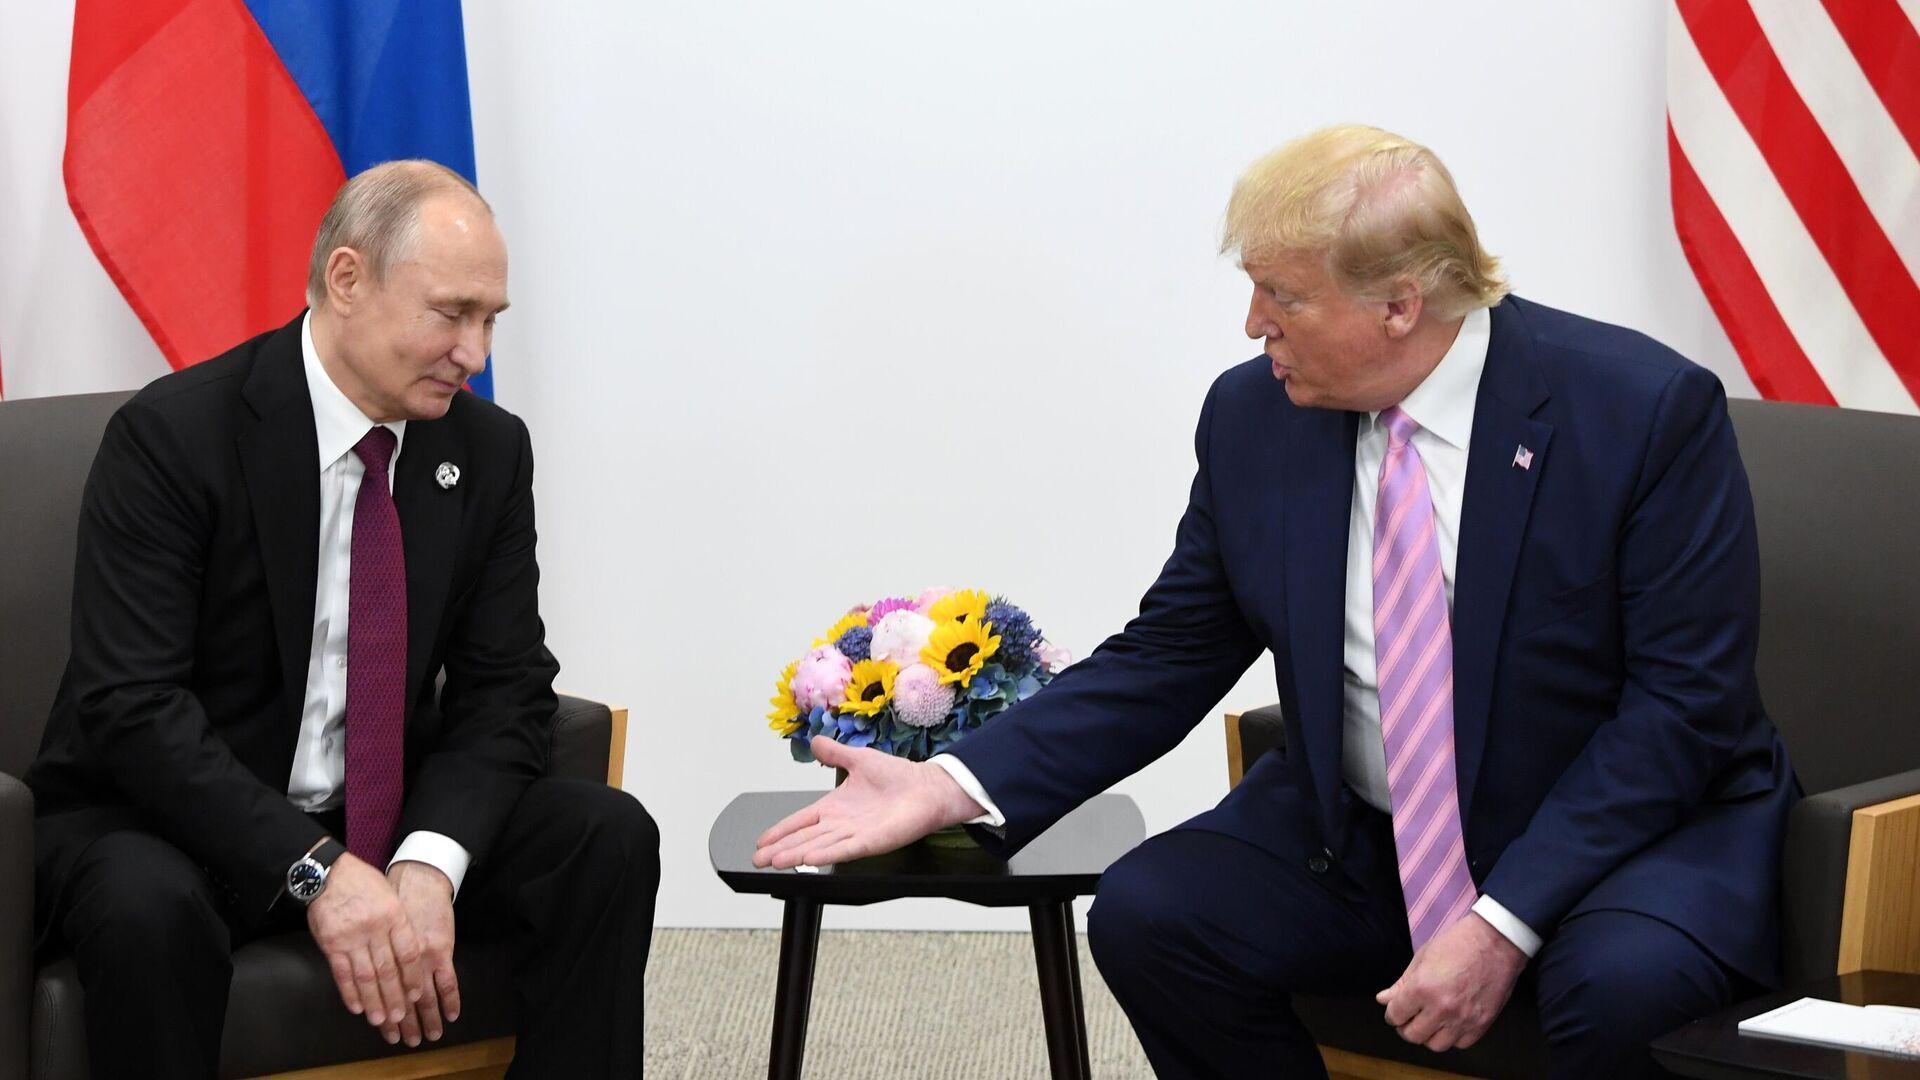 Президент РФ Владимир Путин и президент США Дональд Трамп (справа) во время встречи на полях саммита Группы двадцати в Осаке - РИА Новости, 1920, 29.09.2021